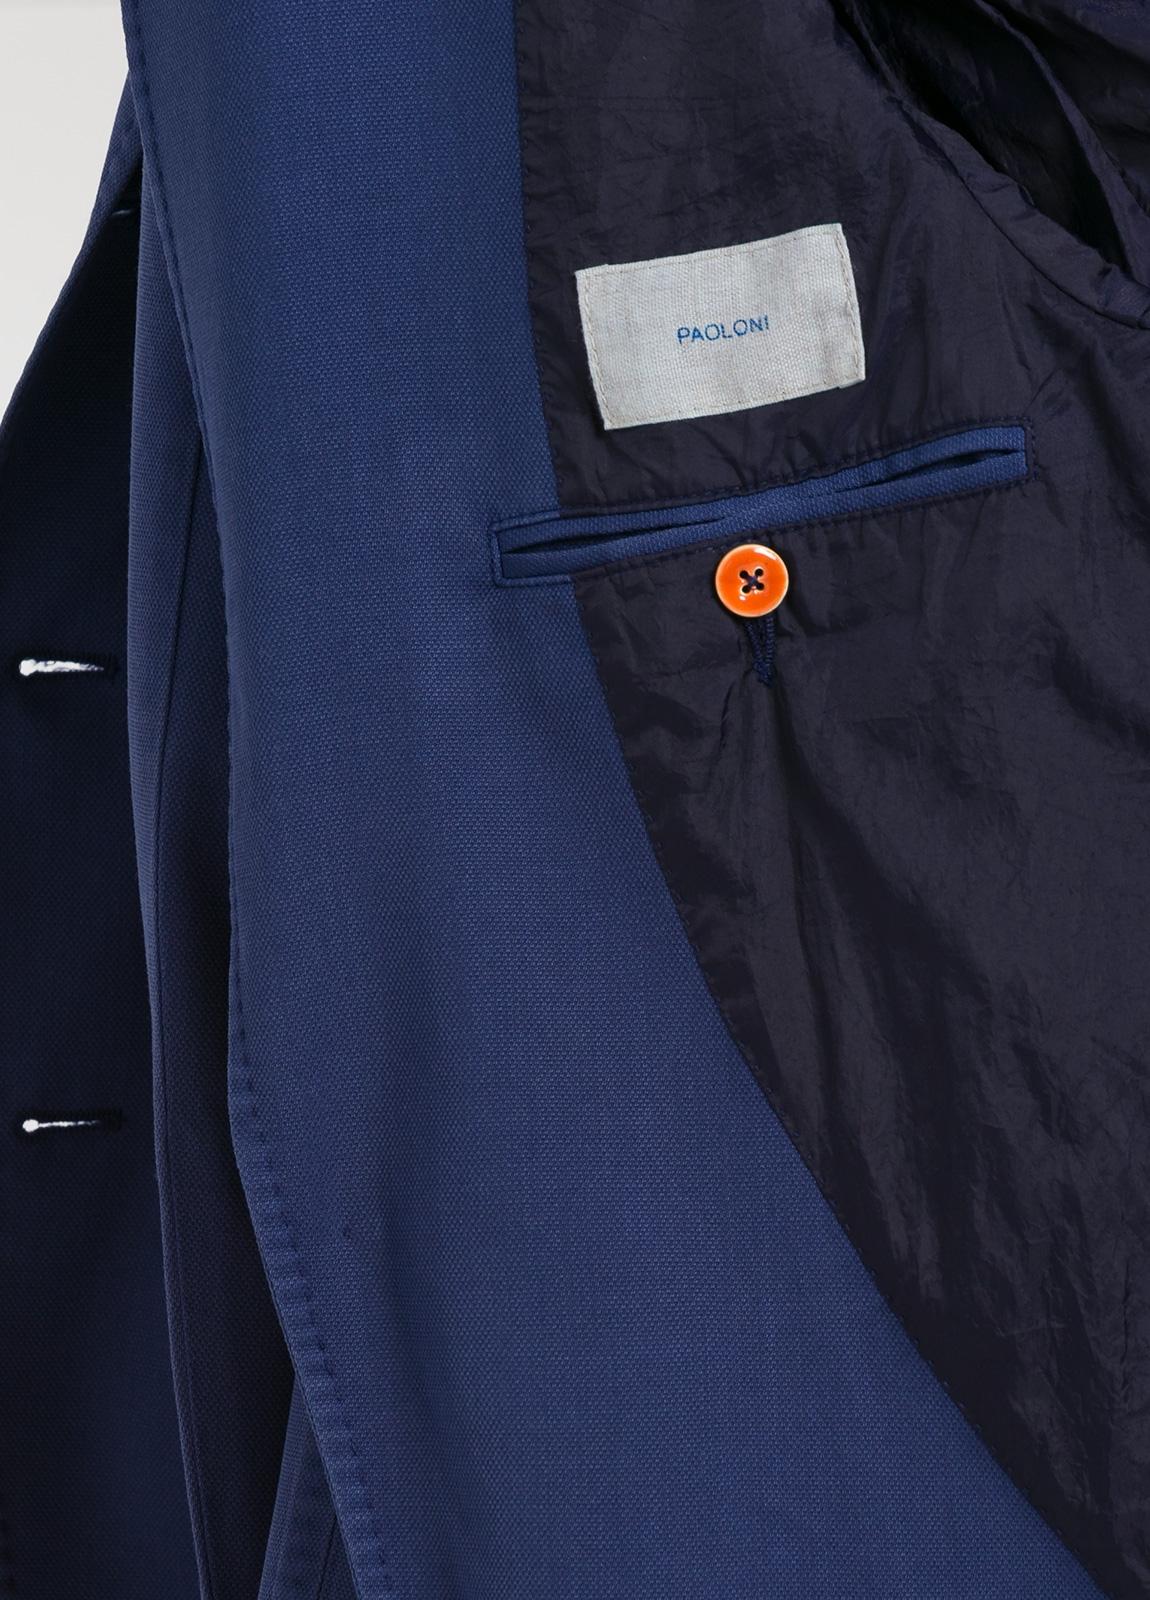 Americana 3 botones SLIM FIT color azul con botones al tono. 100% Lana lavada. - Ítem1